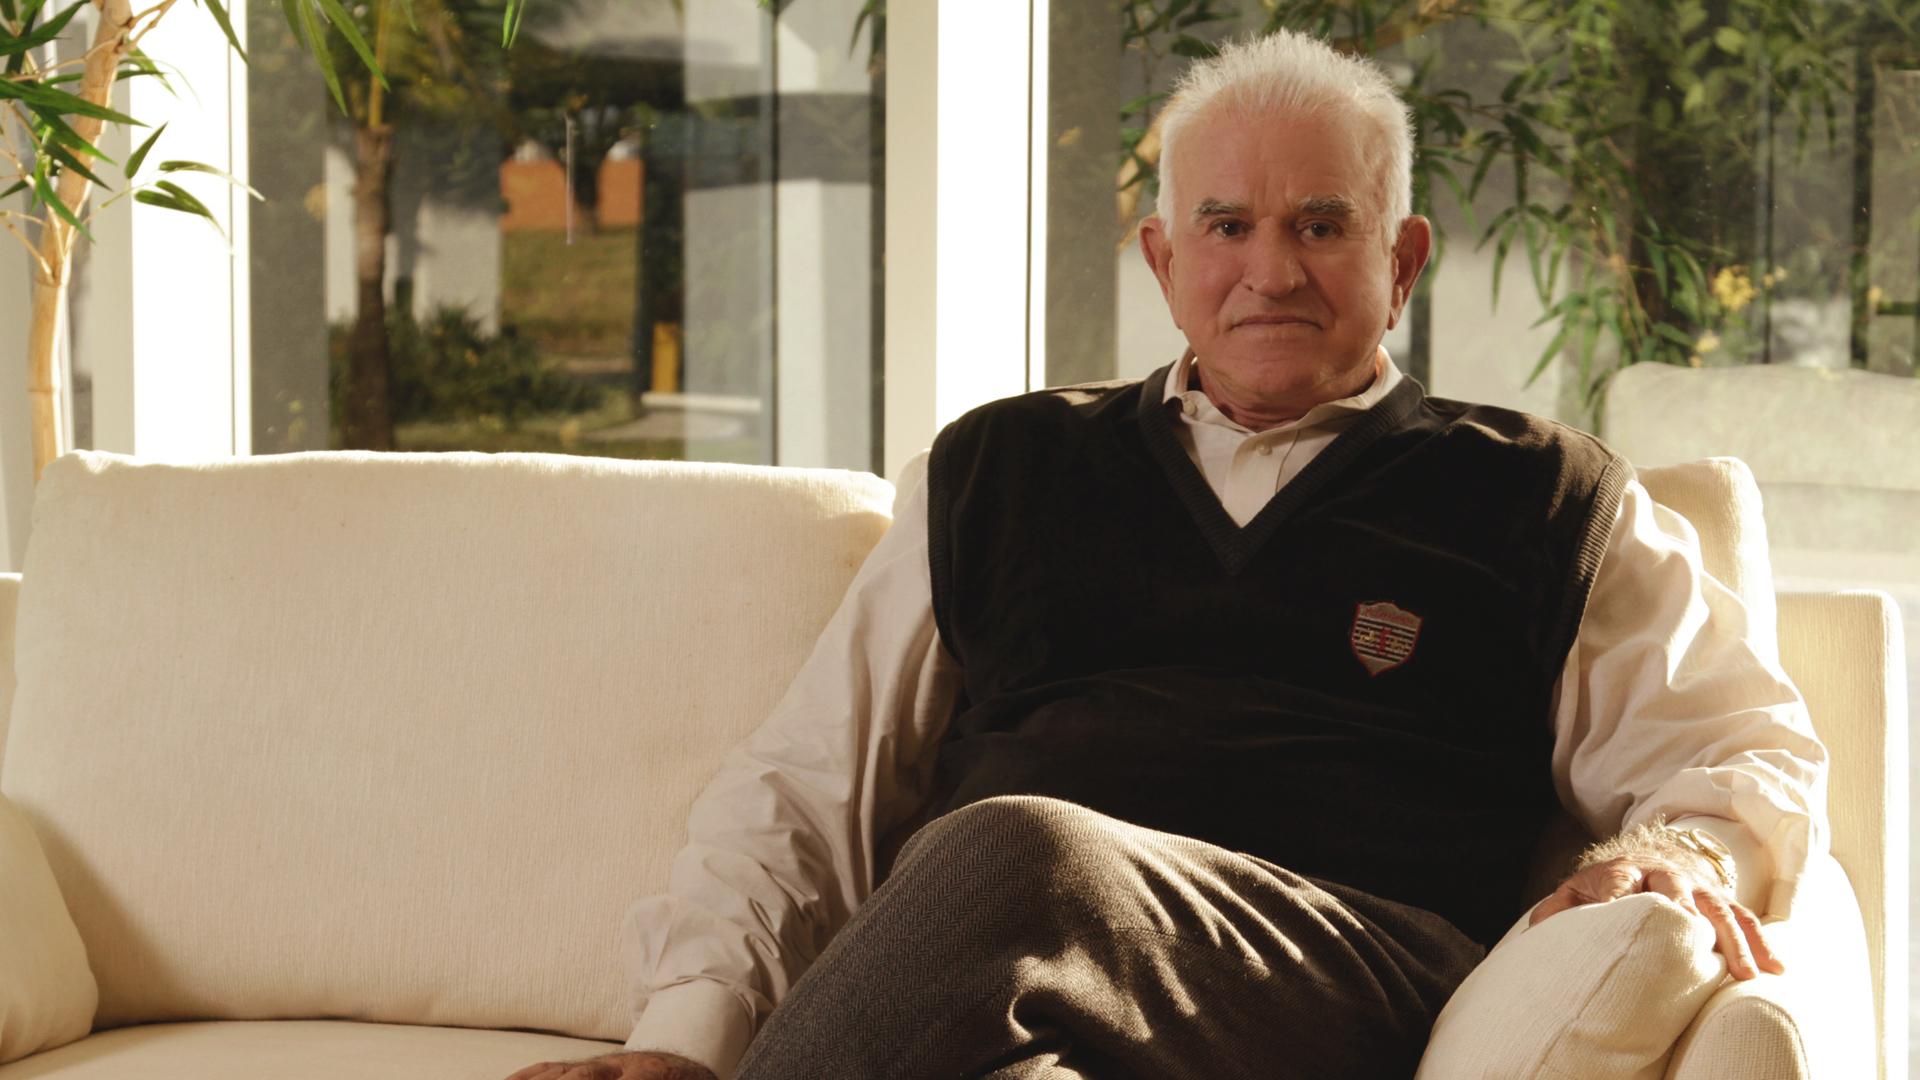 Luiz Alberto Garcia, empreendedor do setor de telecomunicações, é o próximo Estudo de Caso do meuSucesso.com